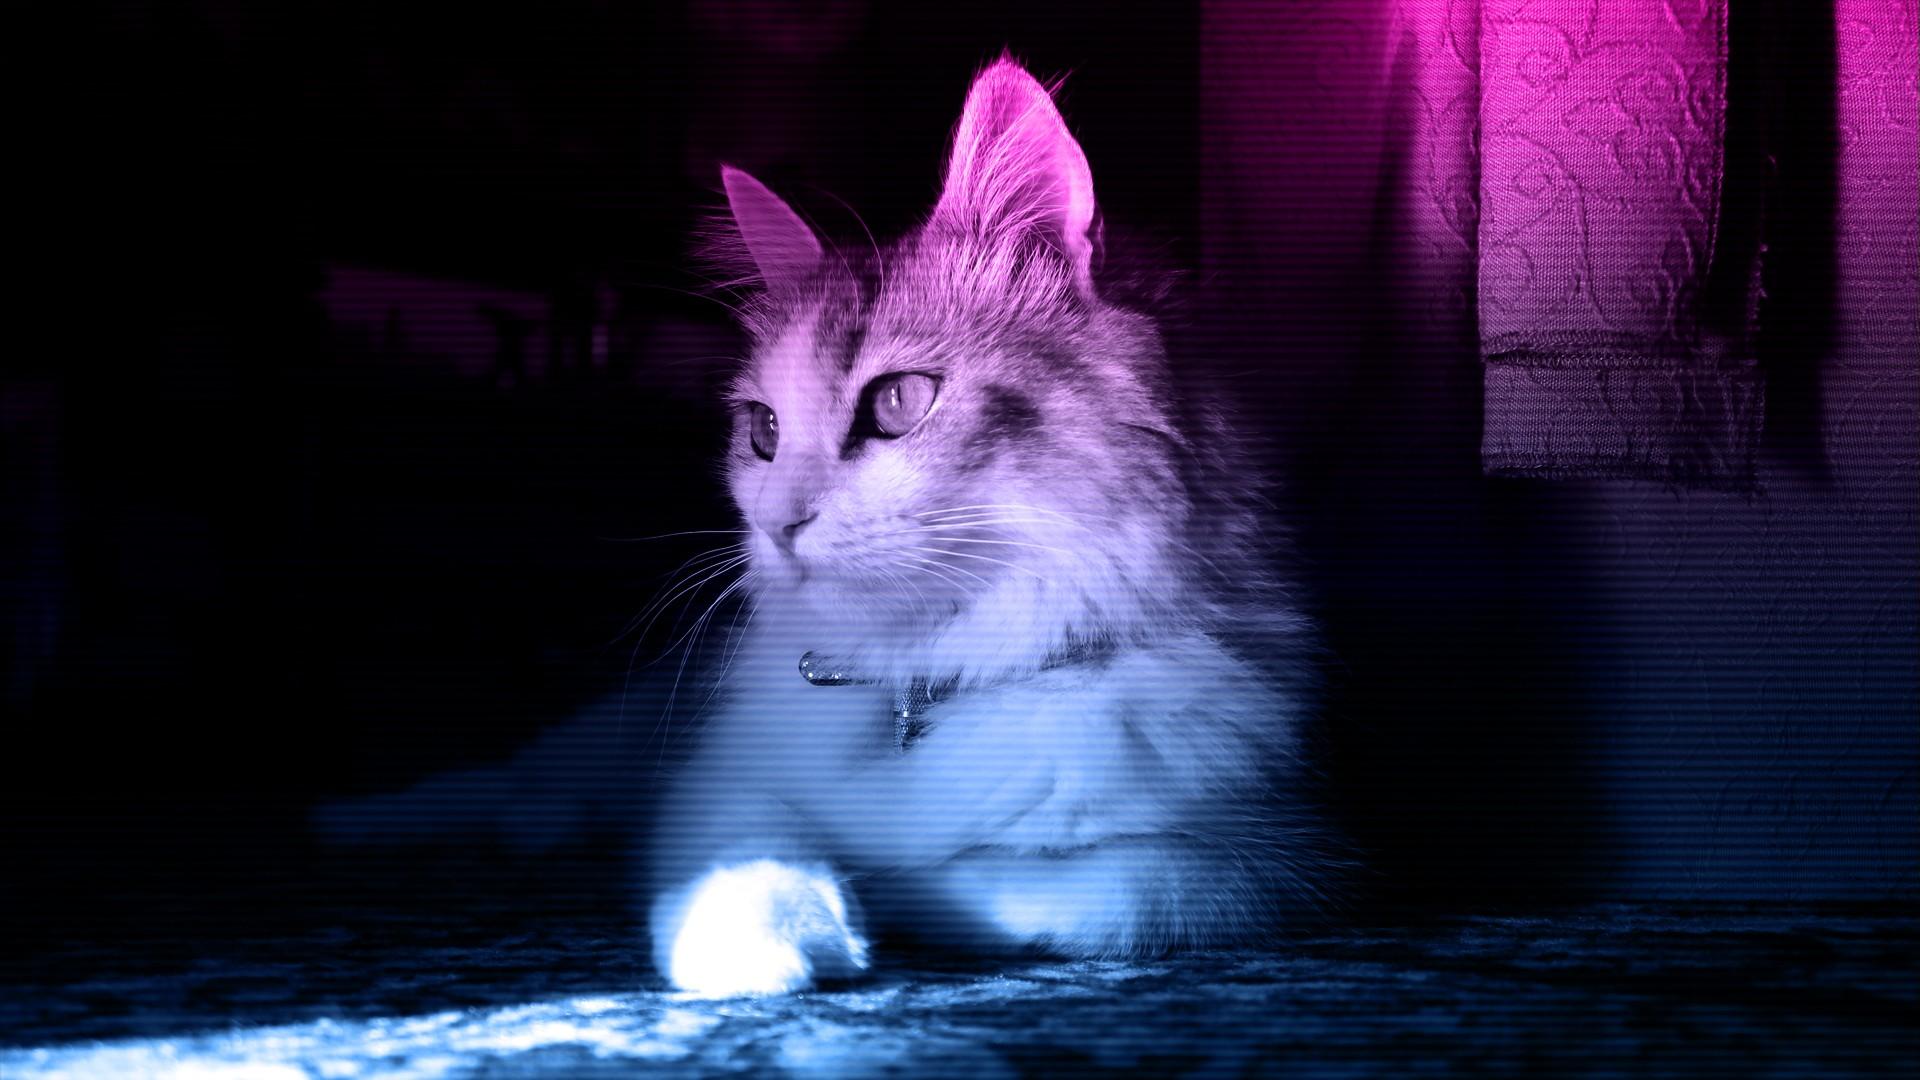 Tapety Kot Neon Wąsy Ciemność Kot Jak Ssak Małych I średnich